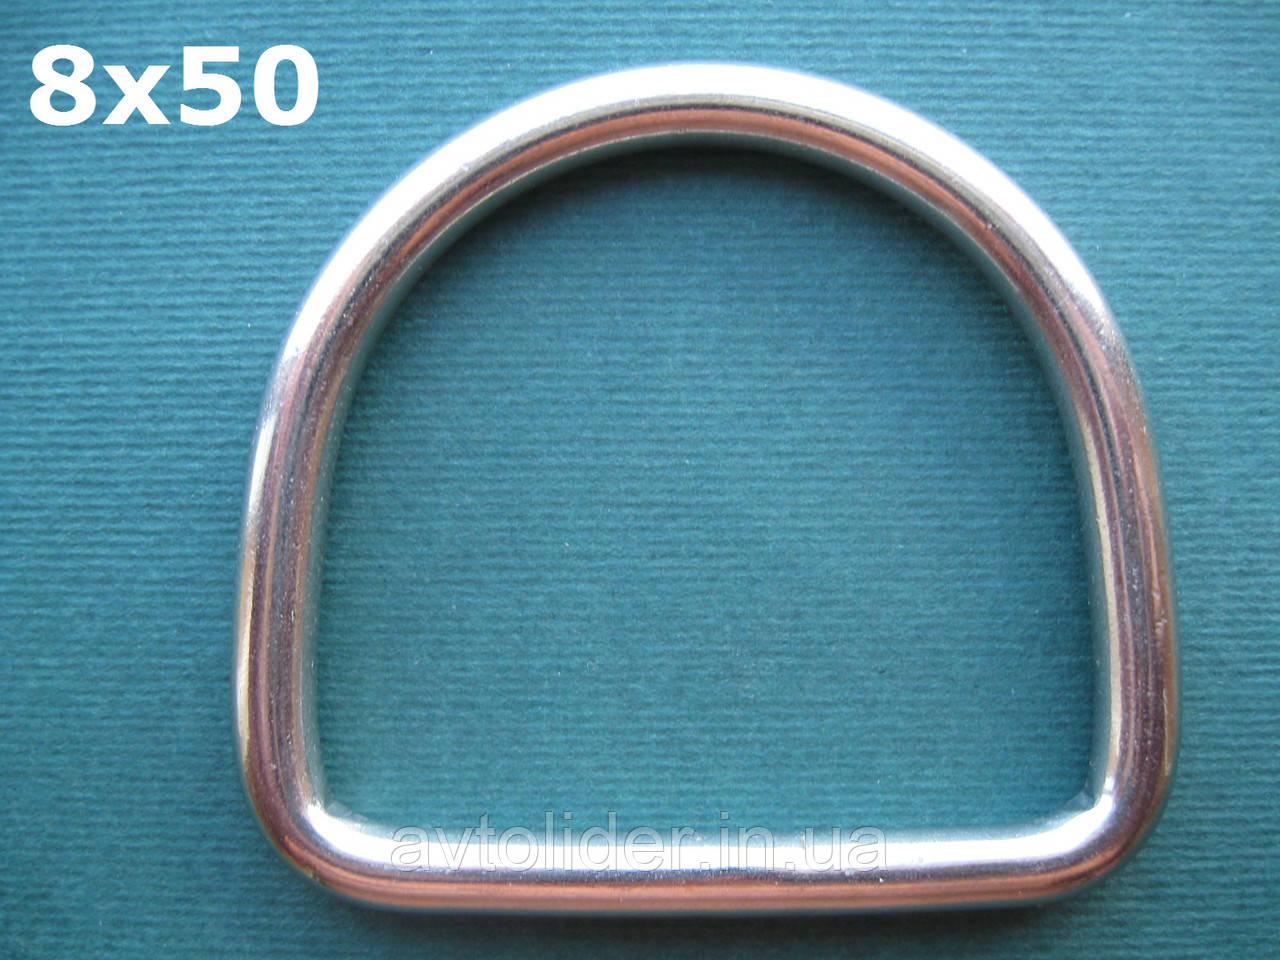 Нержавеющее кольцо D-образное, 8х50 мм